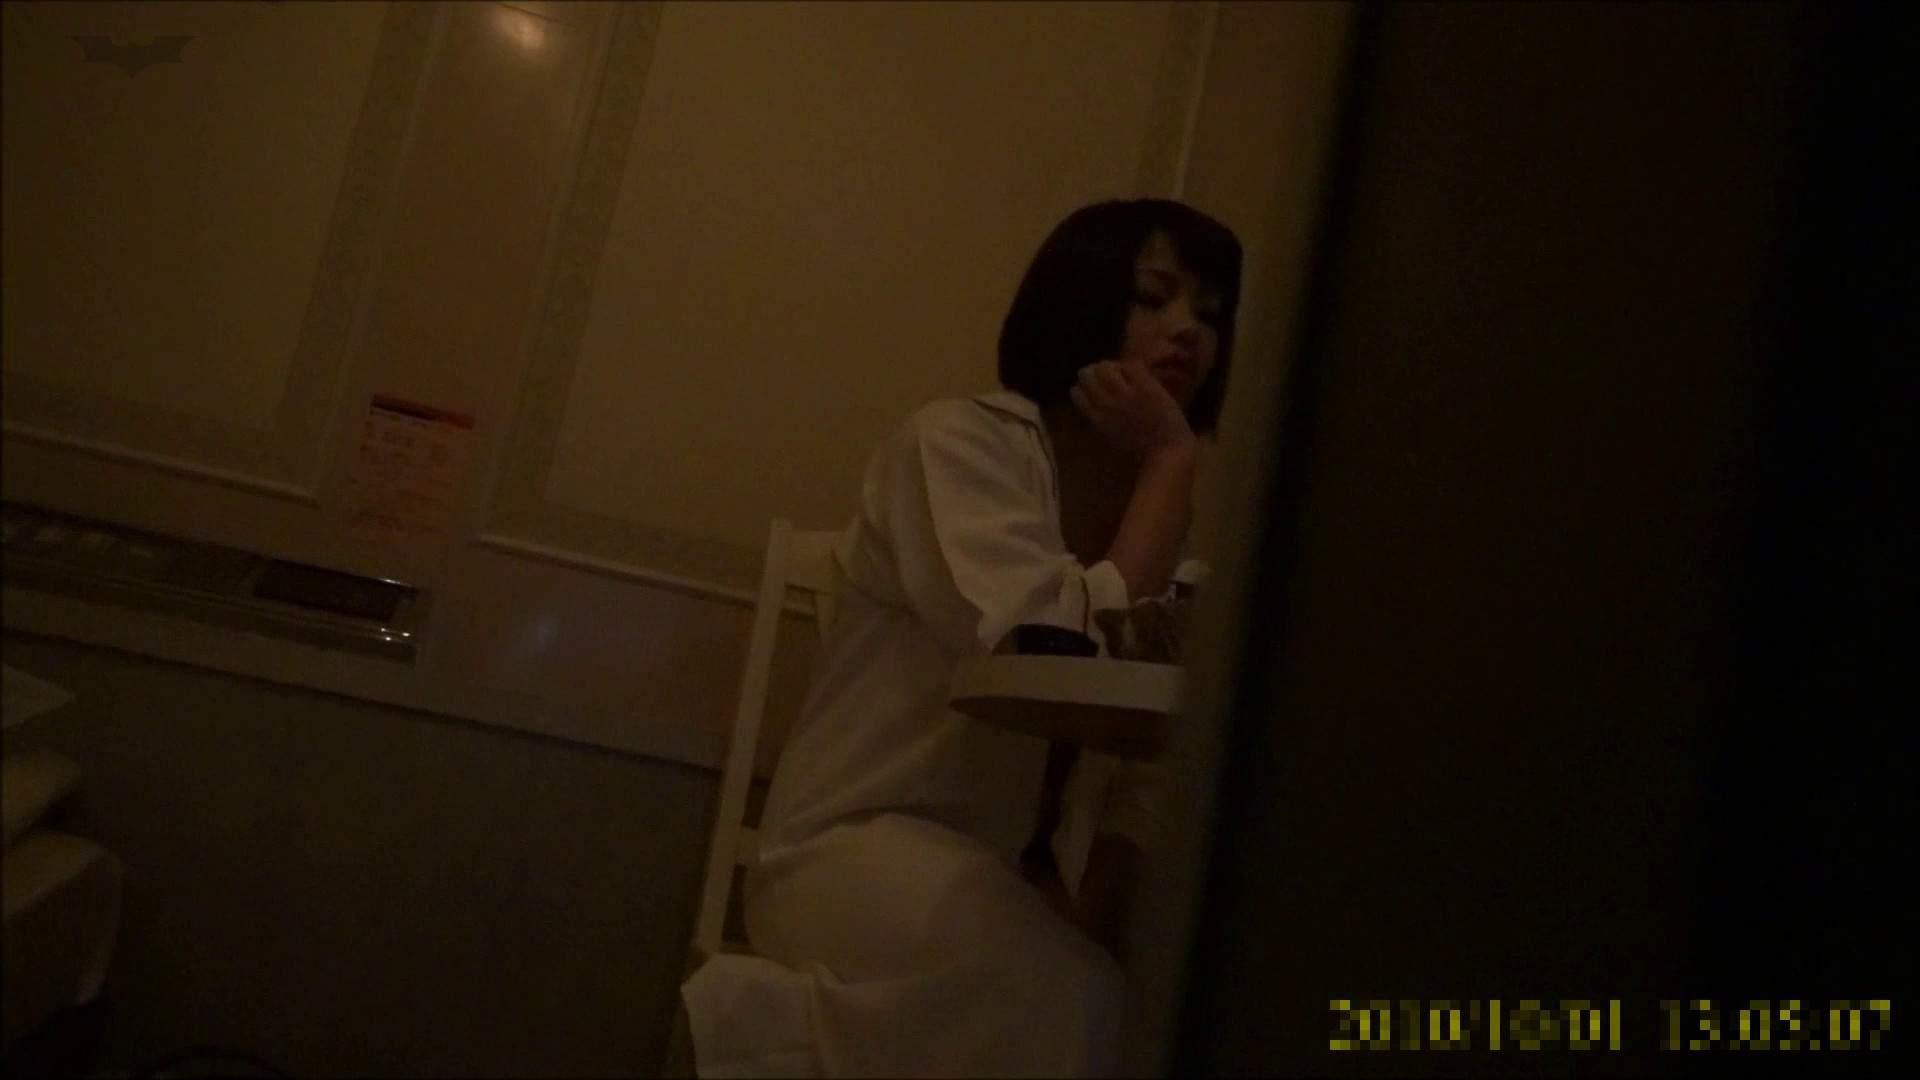 【未公開】vol.96 {茶髪→黒髪ギャル}美巨乳アミちゃん③【前編】 OLハメ撮り  83Pix 82